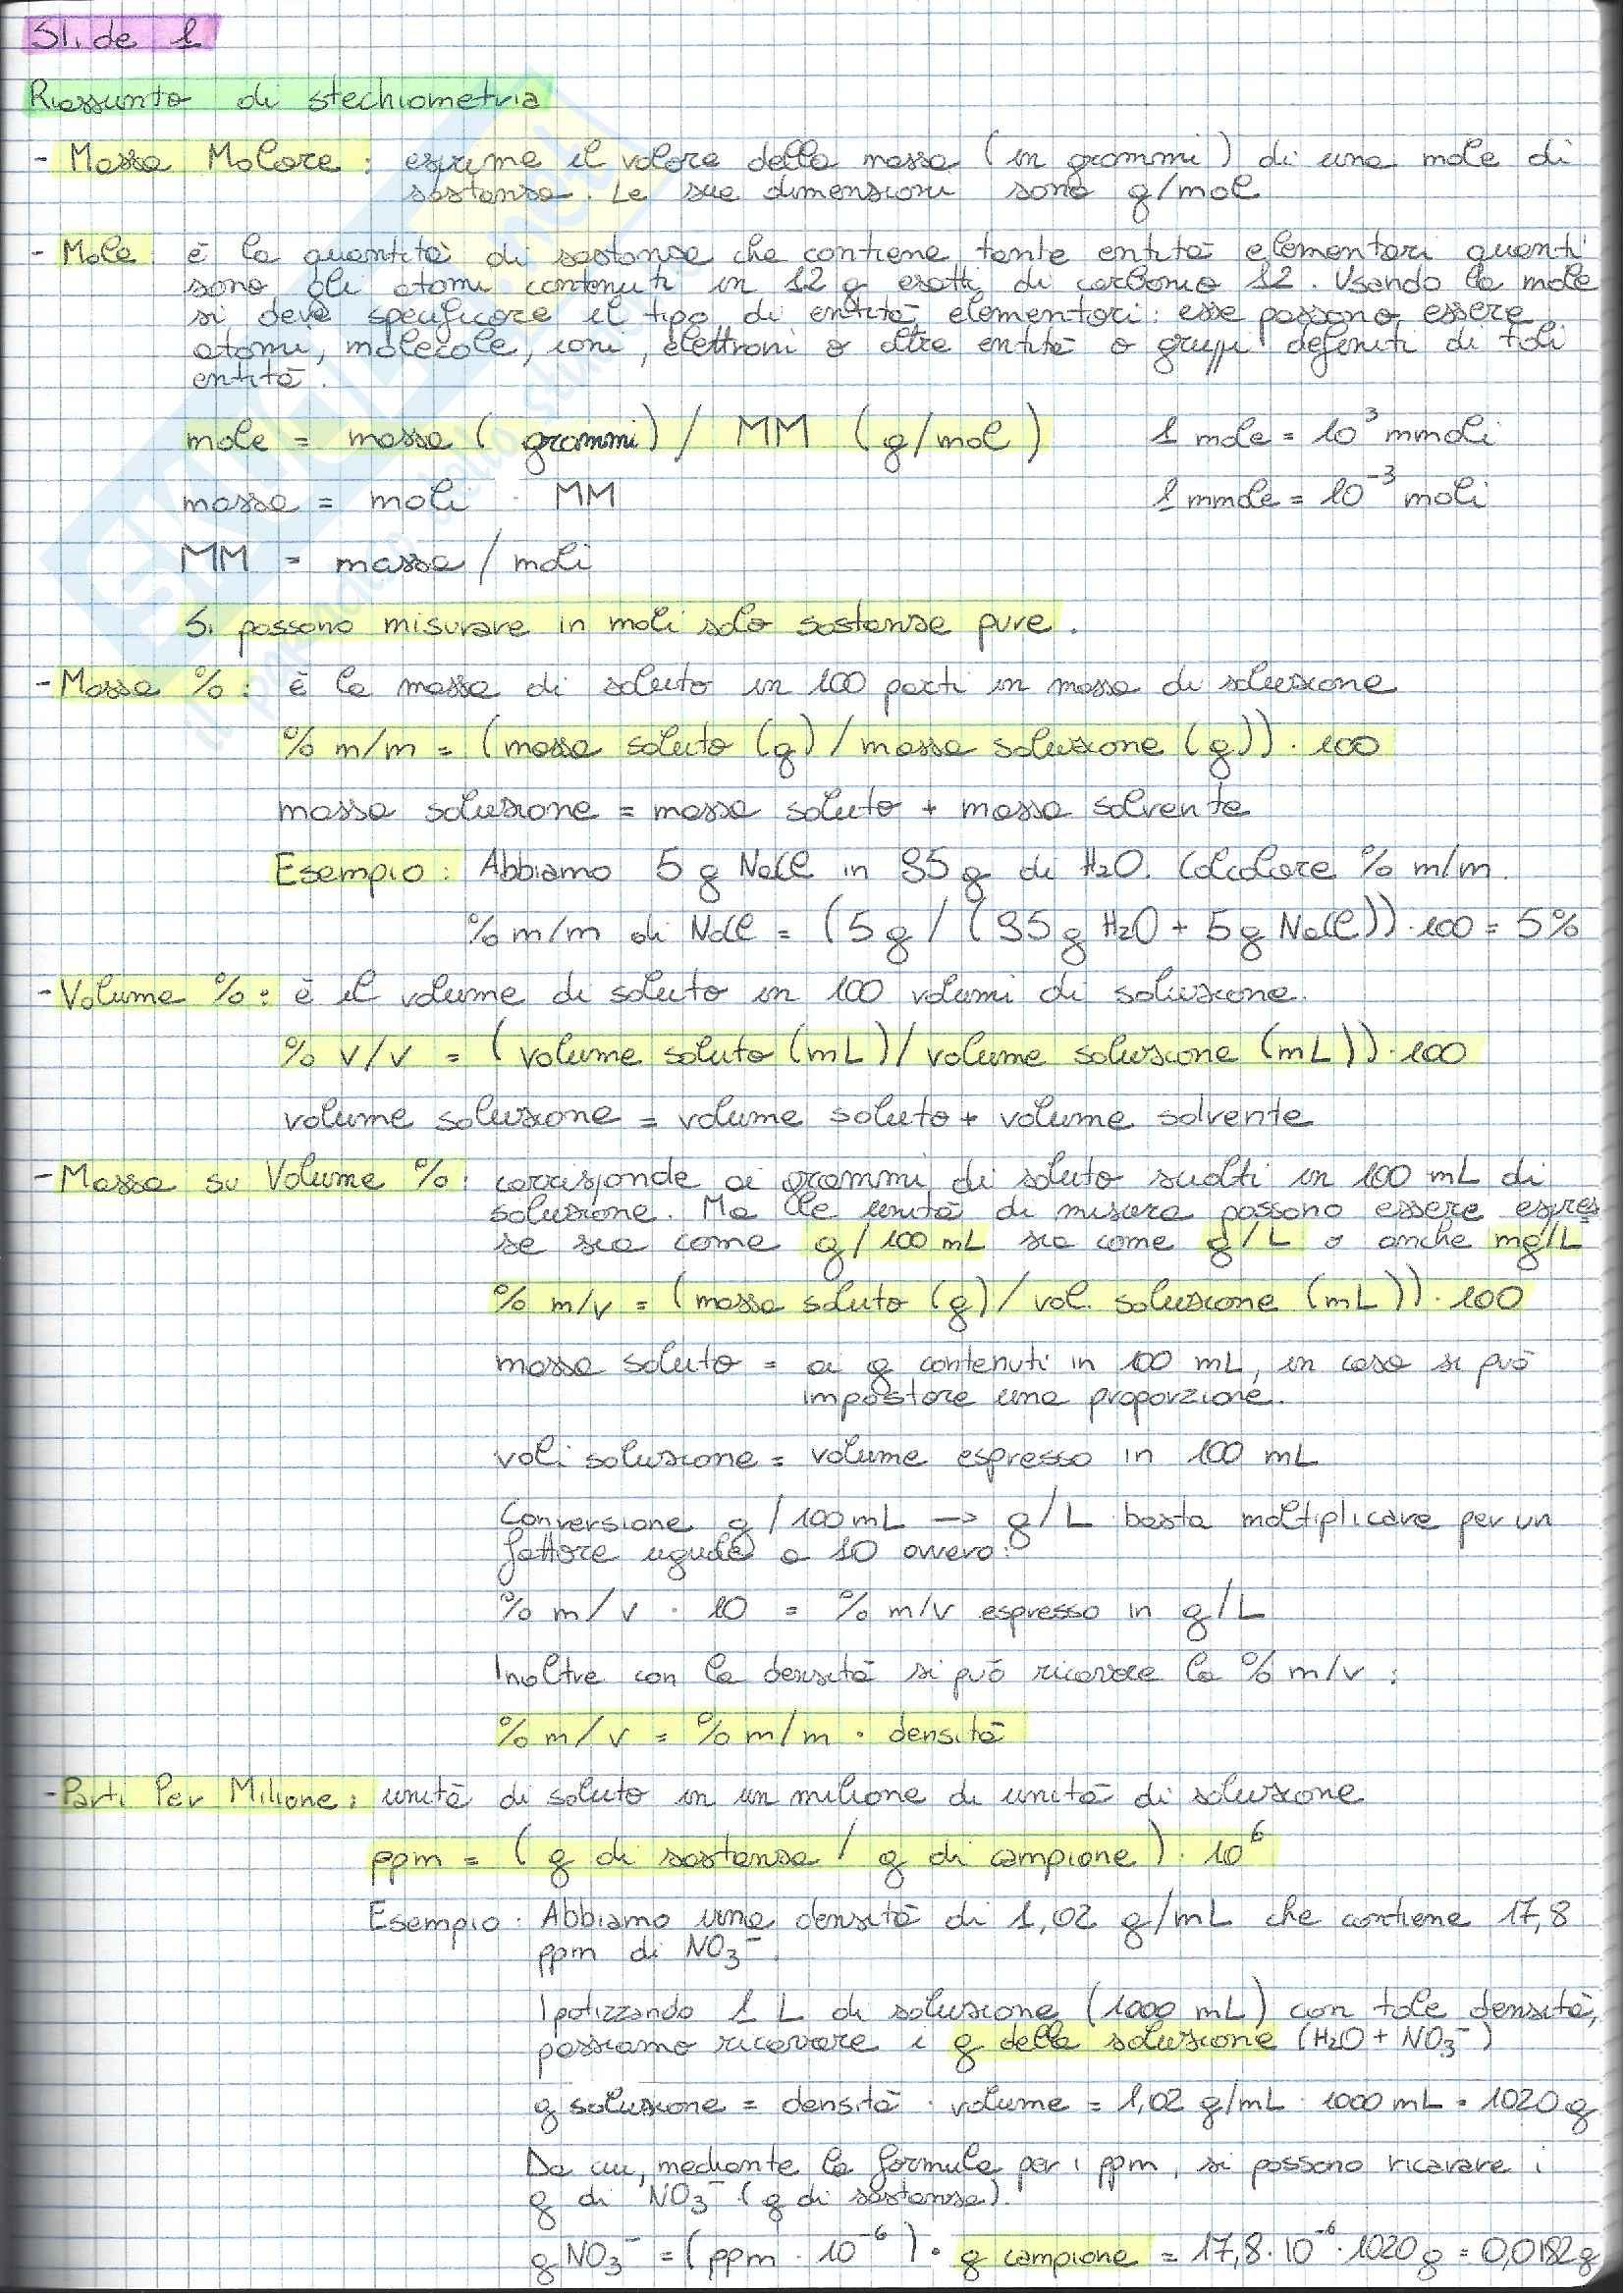 01 e 08 - Analisi Chimico Tossicologica 1 - Esercizi